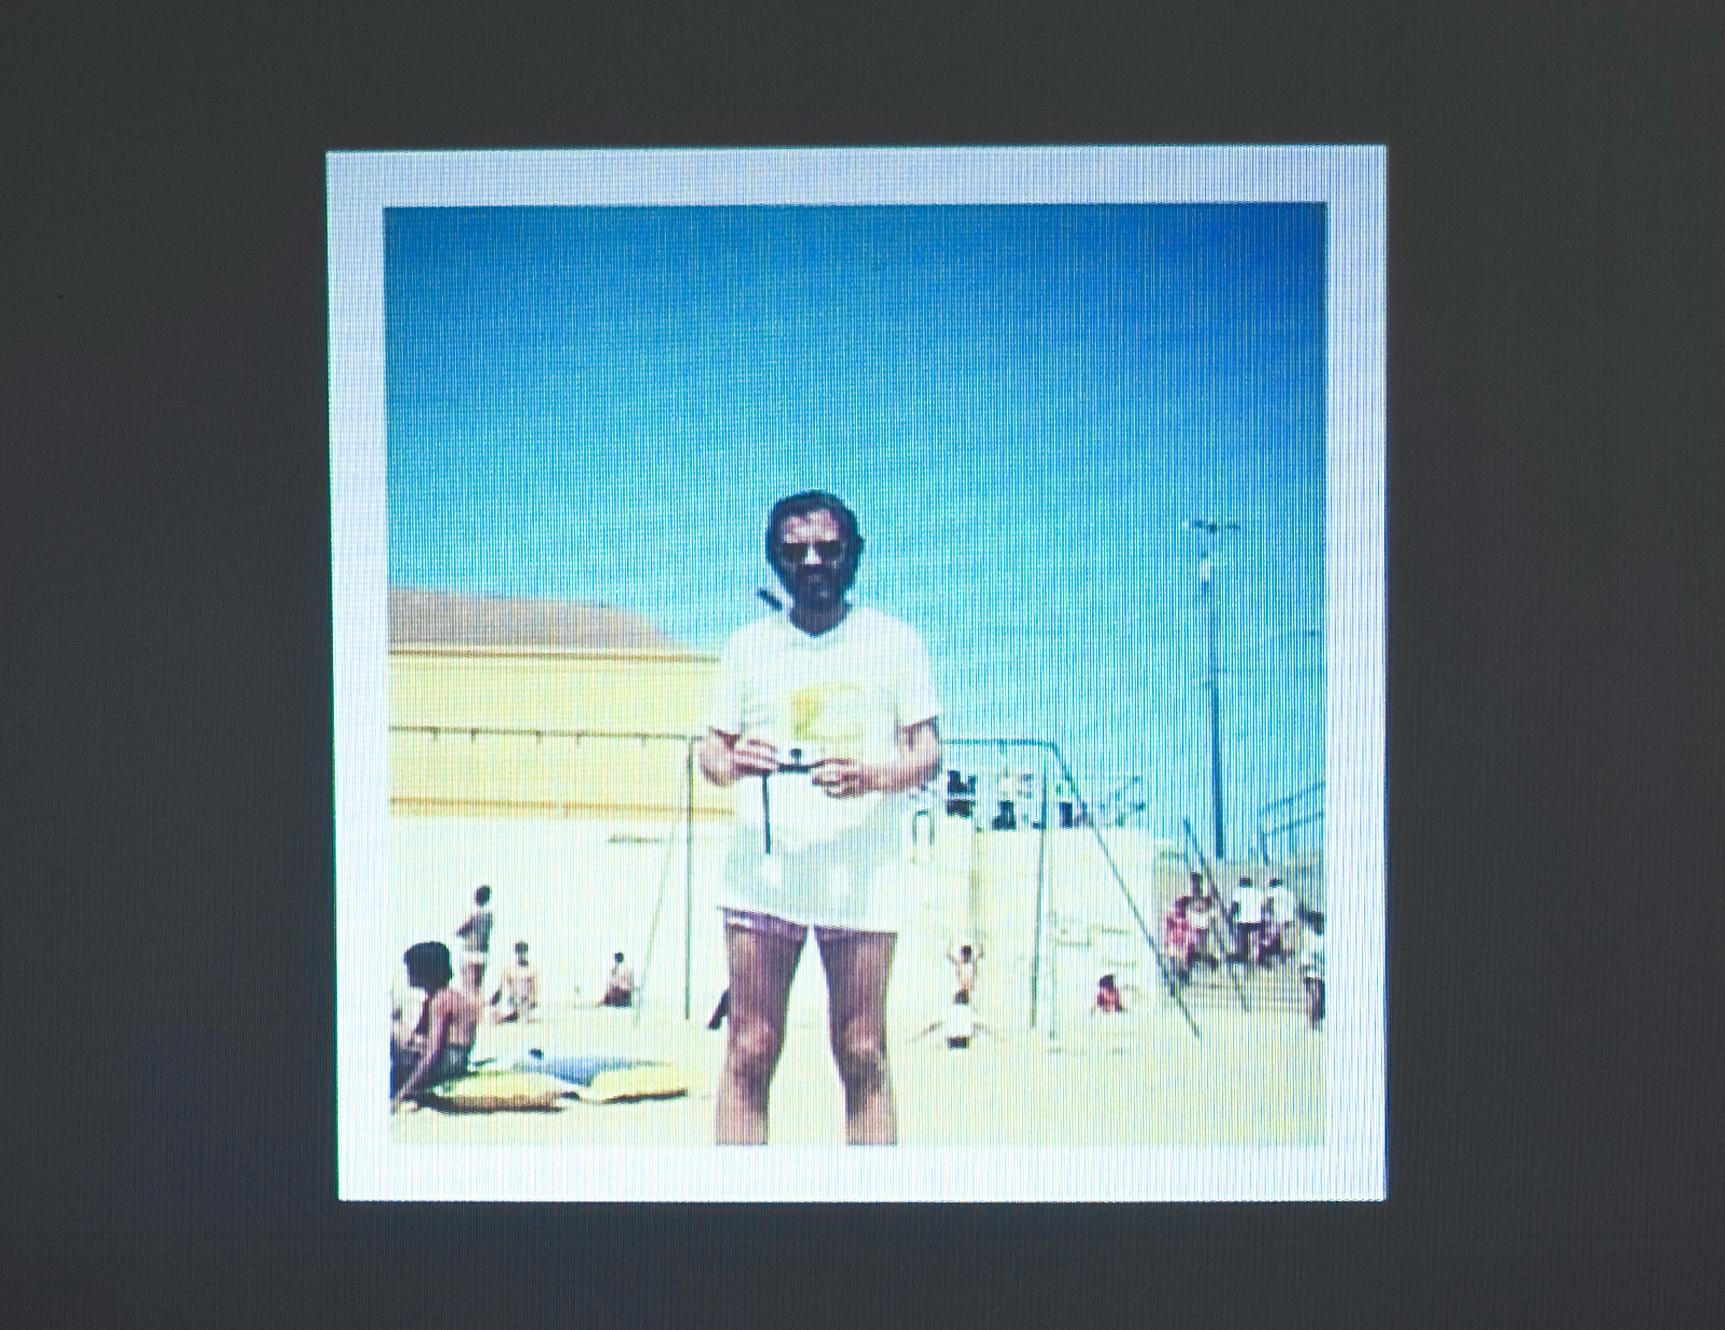 Where's Al?, 1972 (Detail) | The Umbrella Corner. Chapter 6 | ProjecteSD